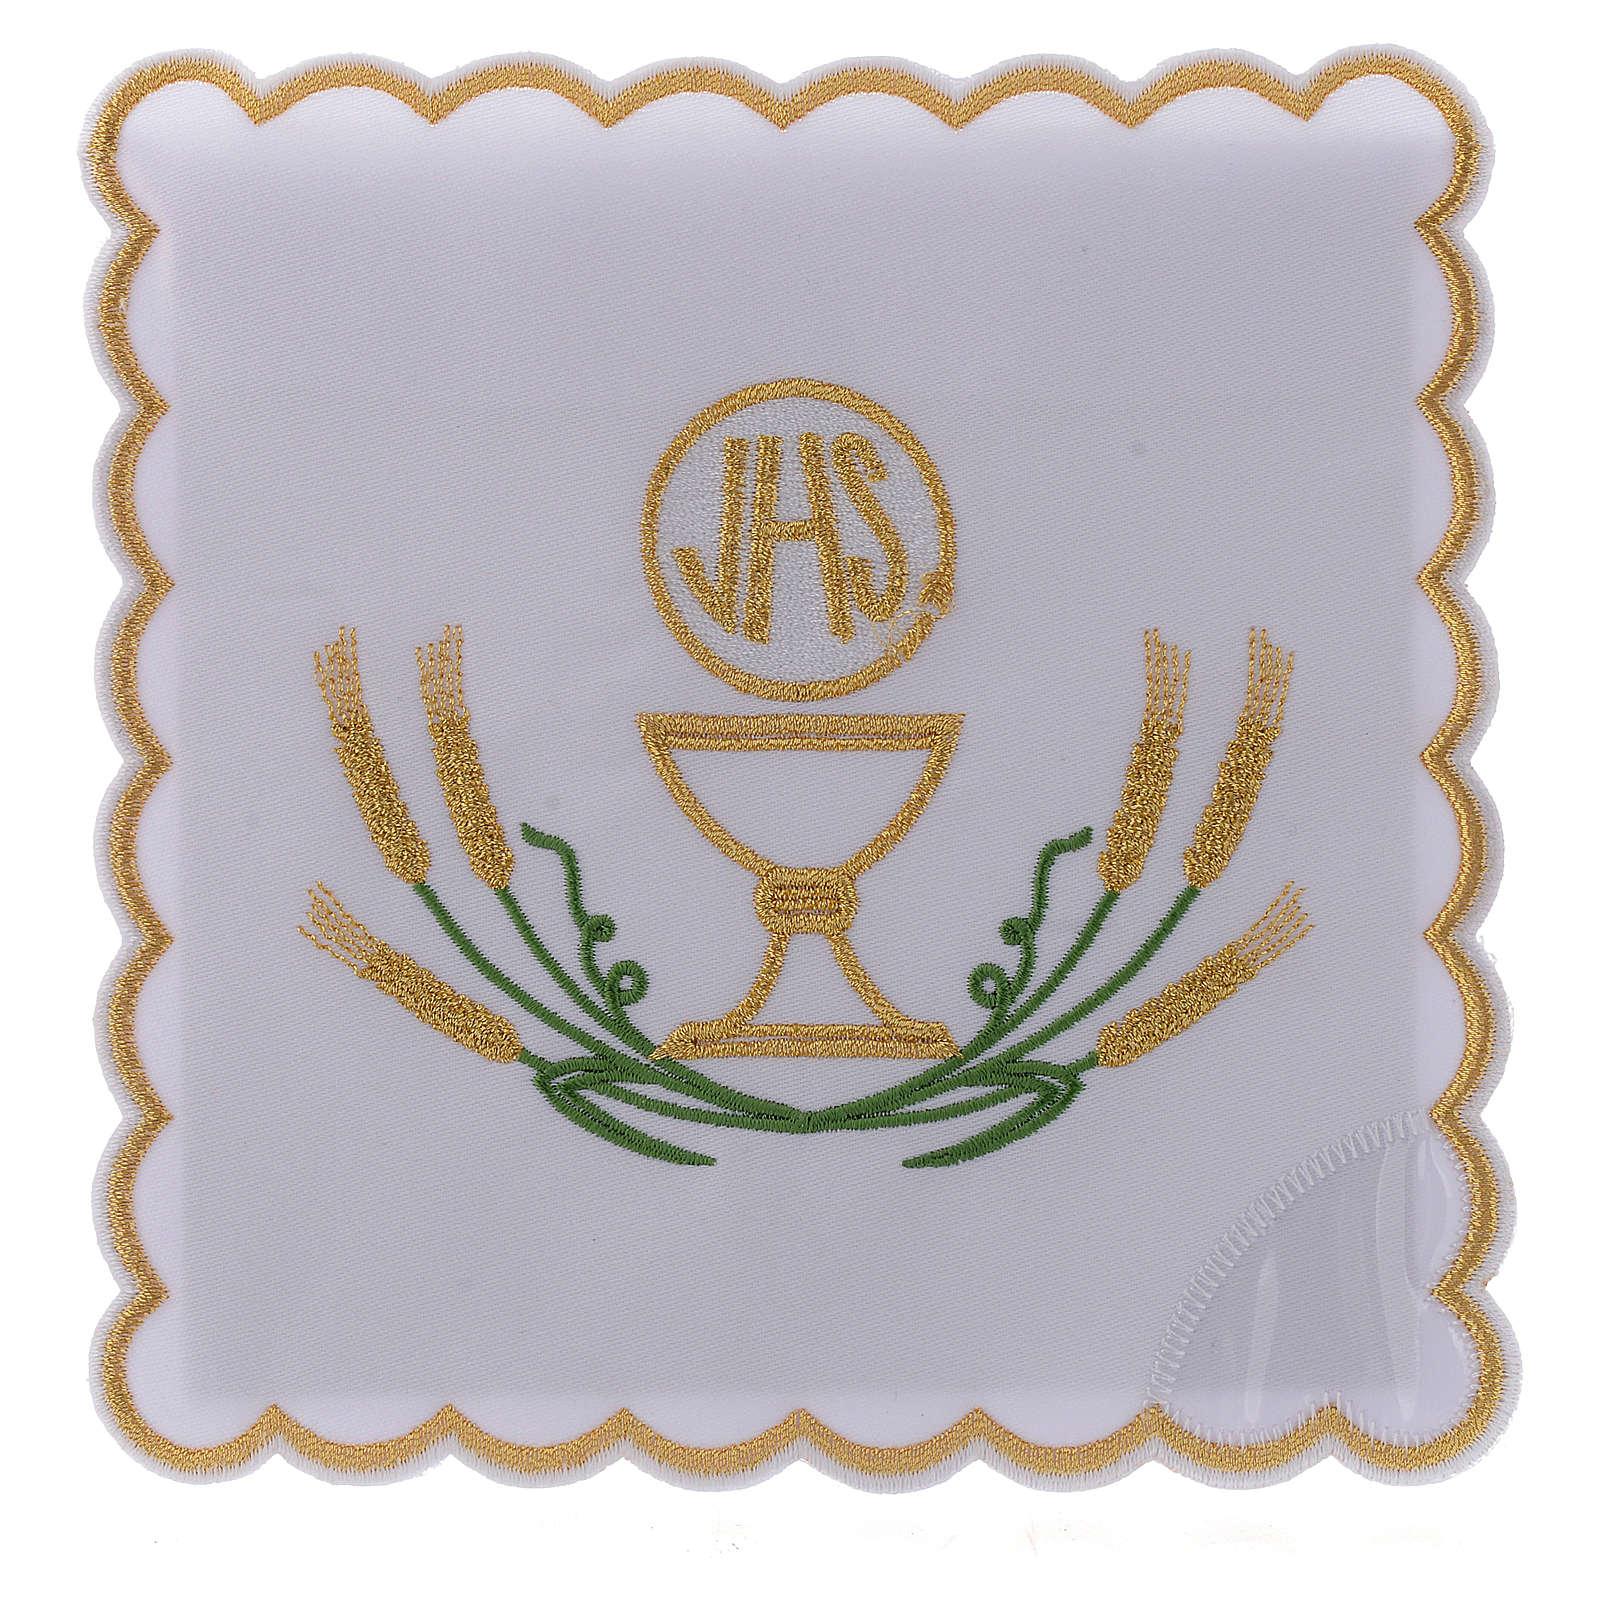 Servizio da altare cotone spighe stilizzate giallo oro verdi calice JHS 4